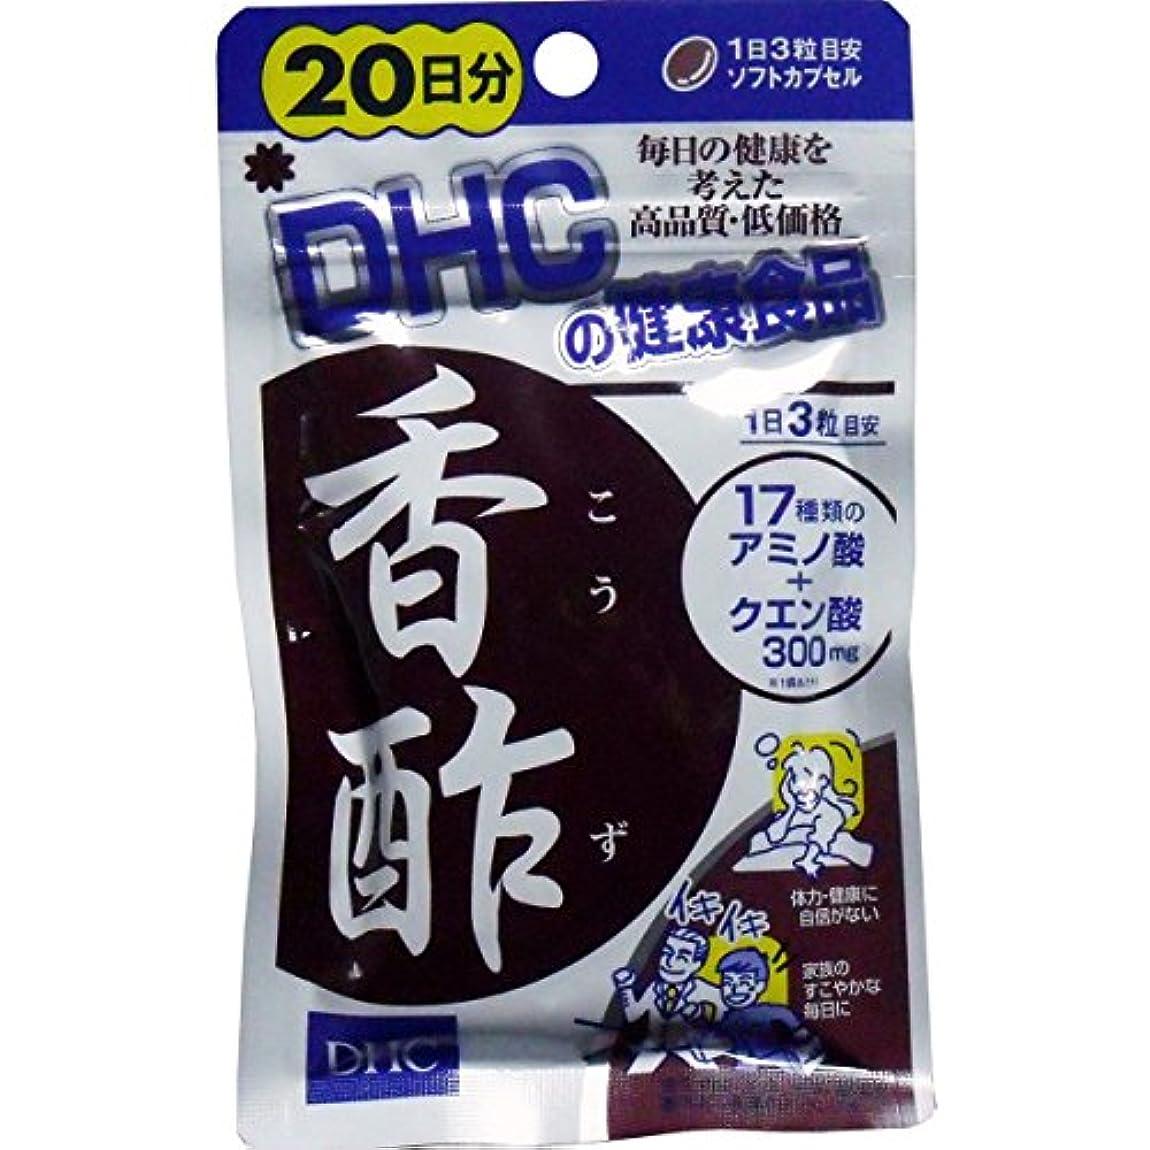 円形最後のハムサプリ 健康食品 香酢 酢 パワー DHC アミノ酸たっぷりの禄豊香酢を手軽に!20日分 60粒入